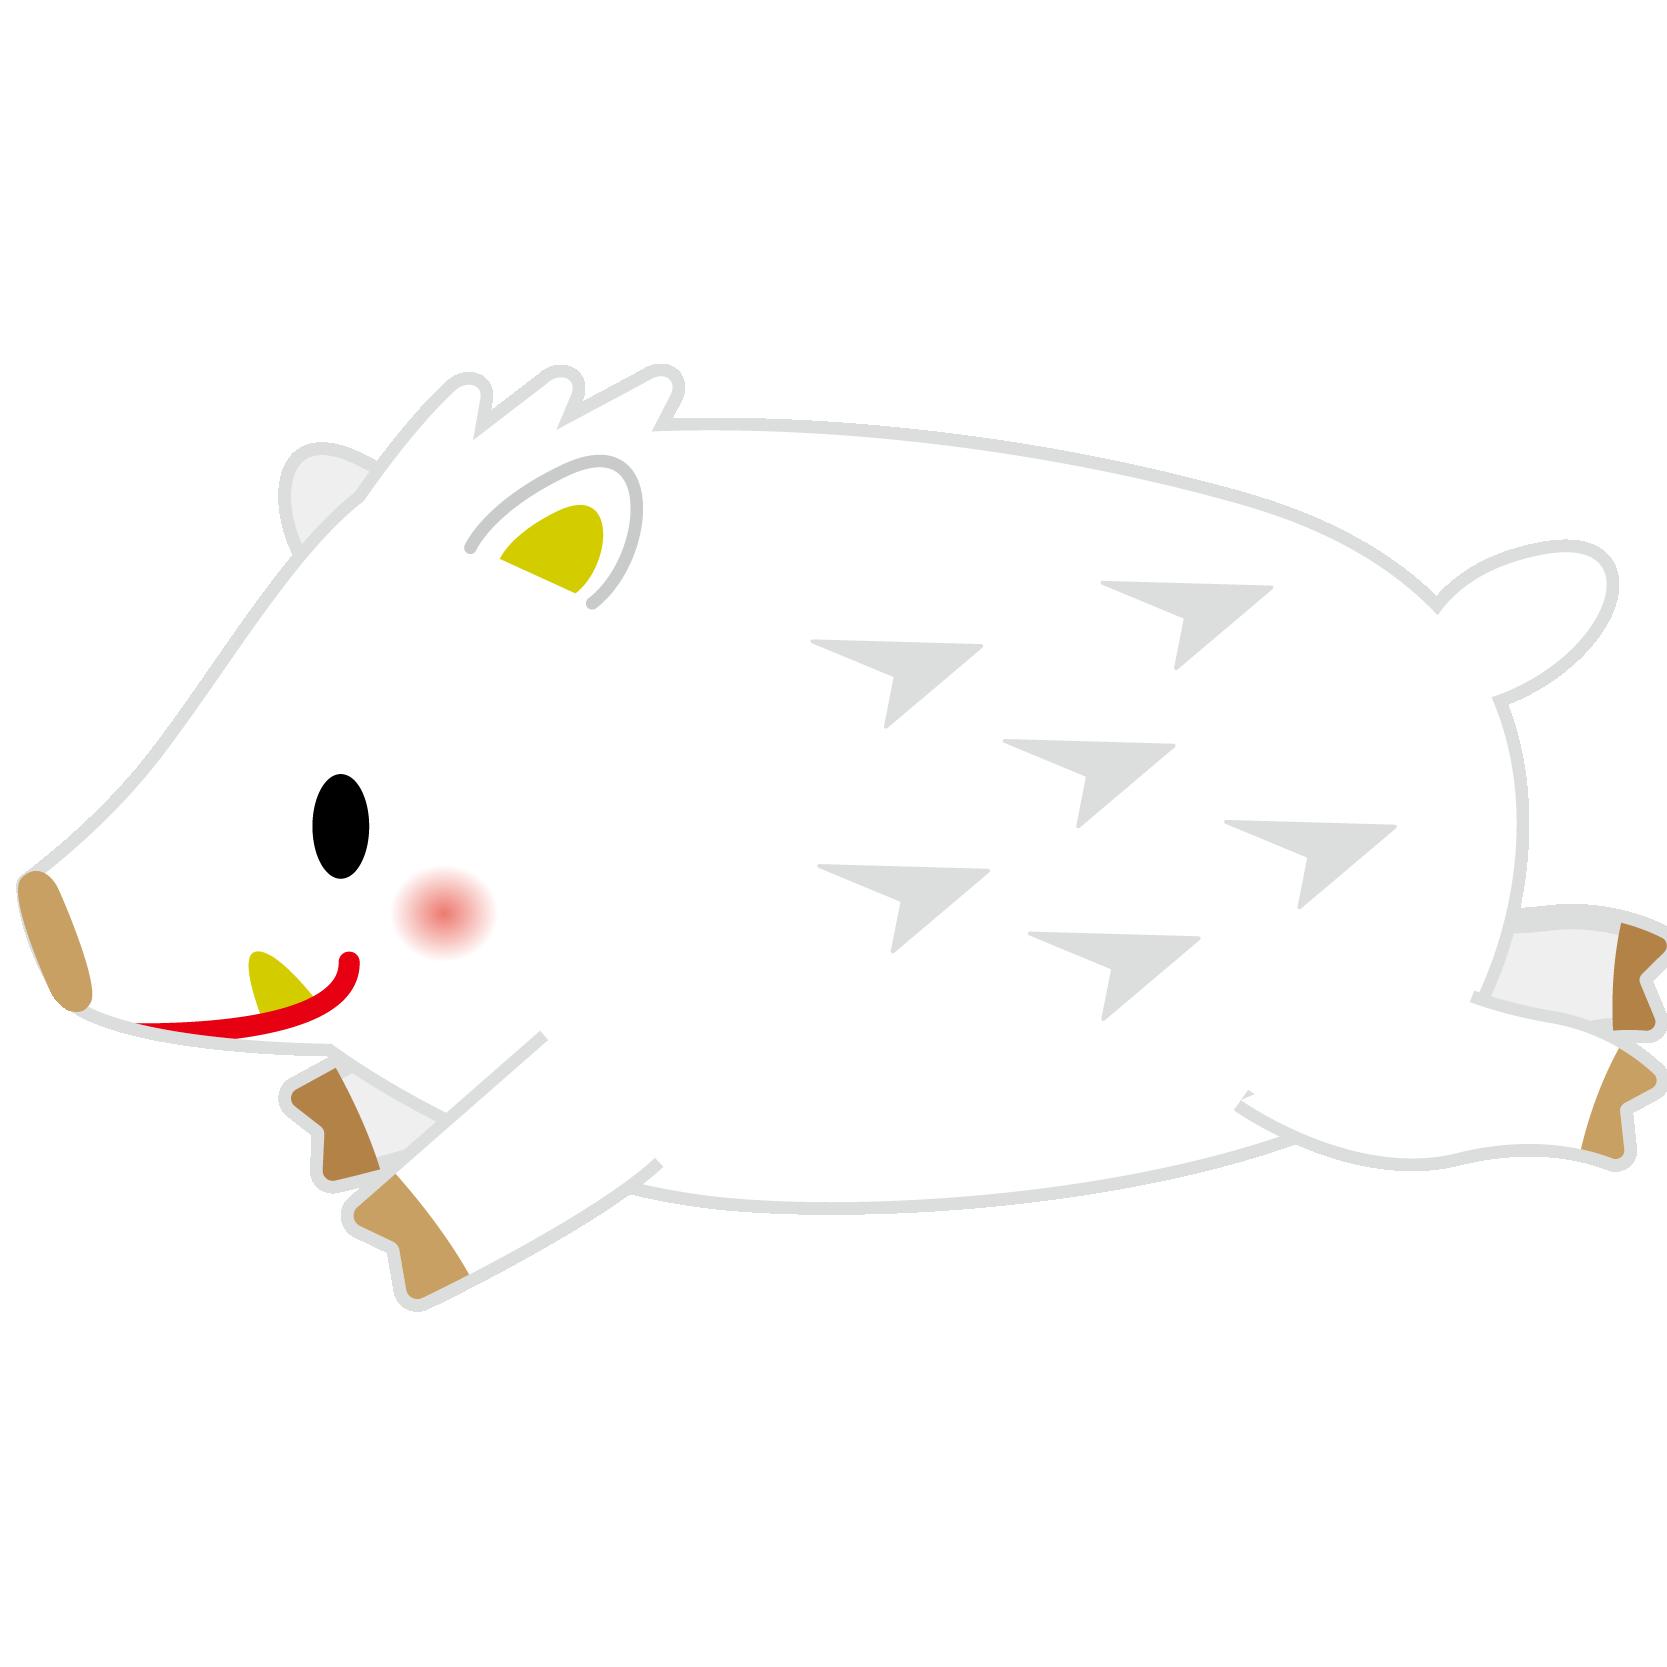 商用フリー・無料イラスト_白干支_干支いのしし(イノシシ・猪)_亥年20